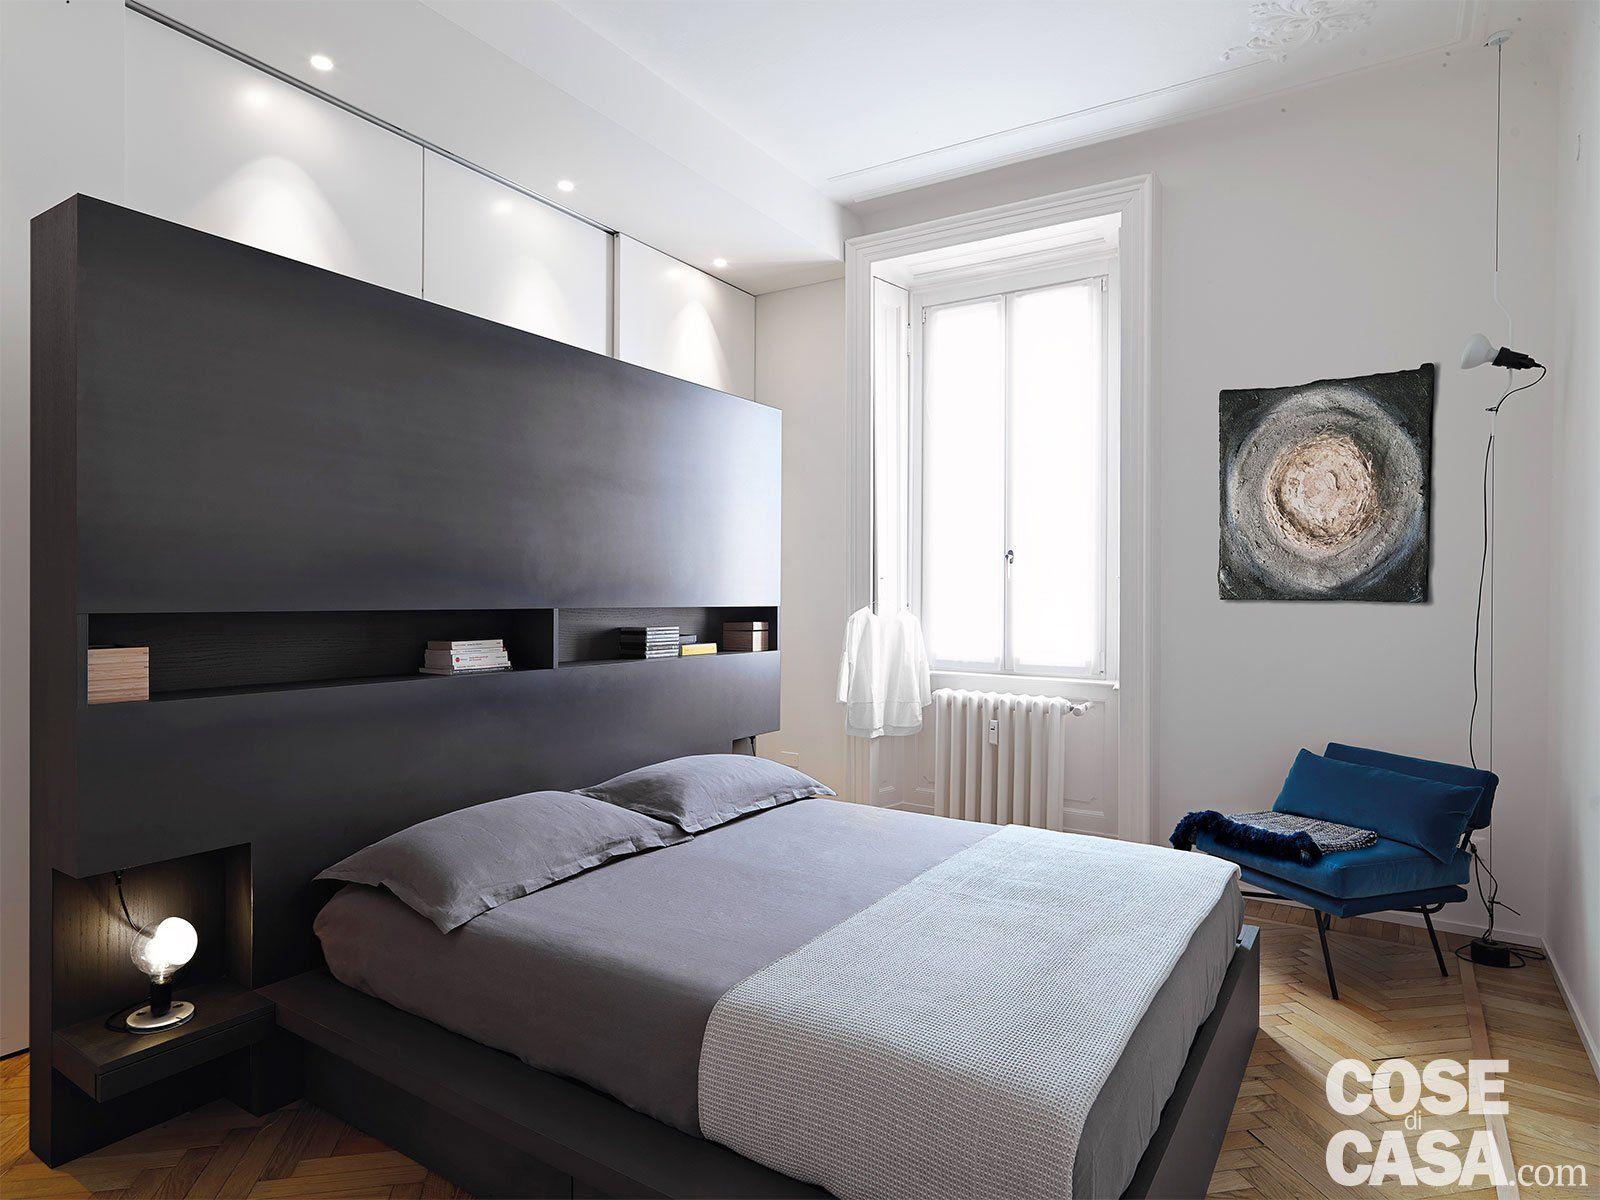 110 mq con una parete in vetro per dividere soggiorno e corridoio e con la cabina armadio dietro - Parete camera letto ...